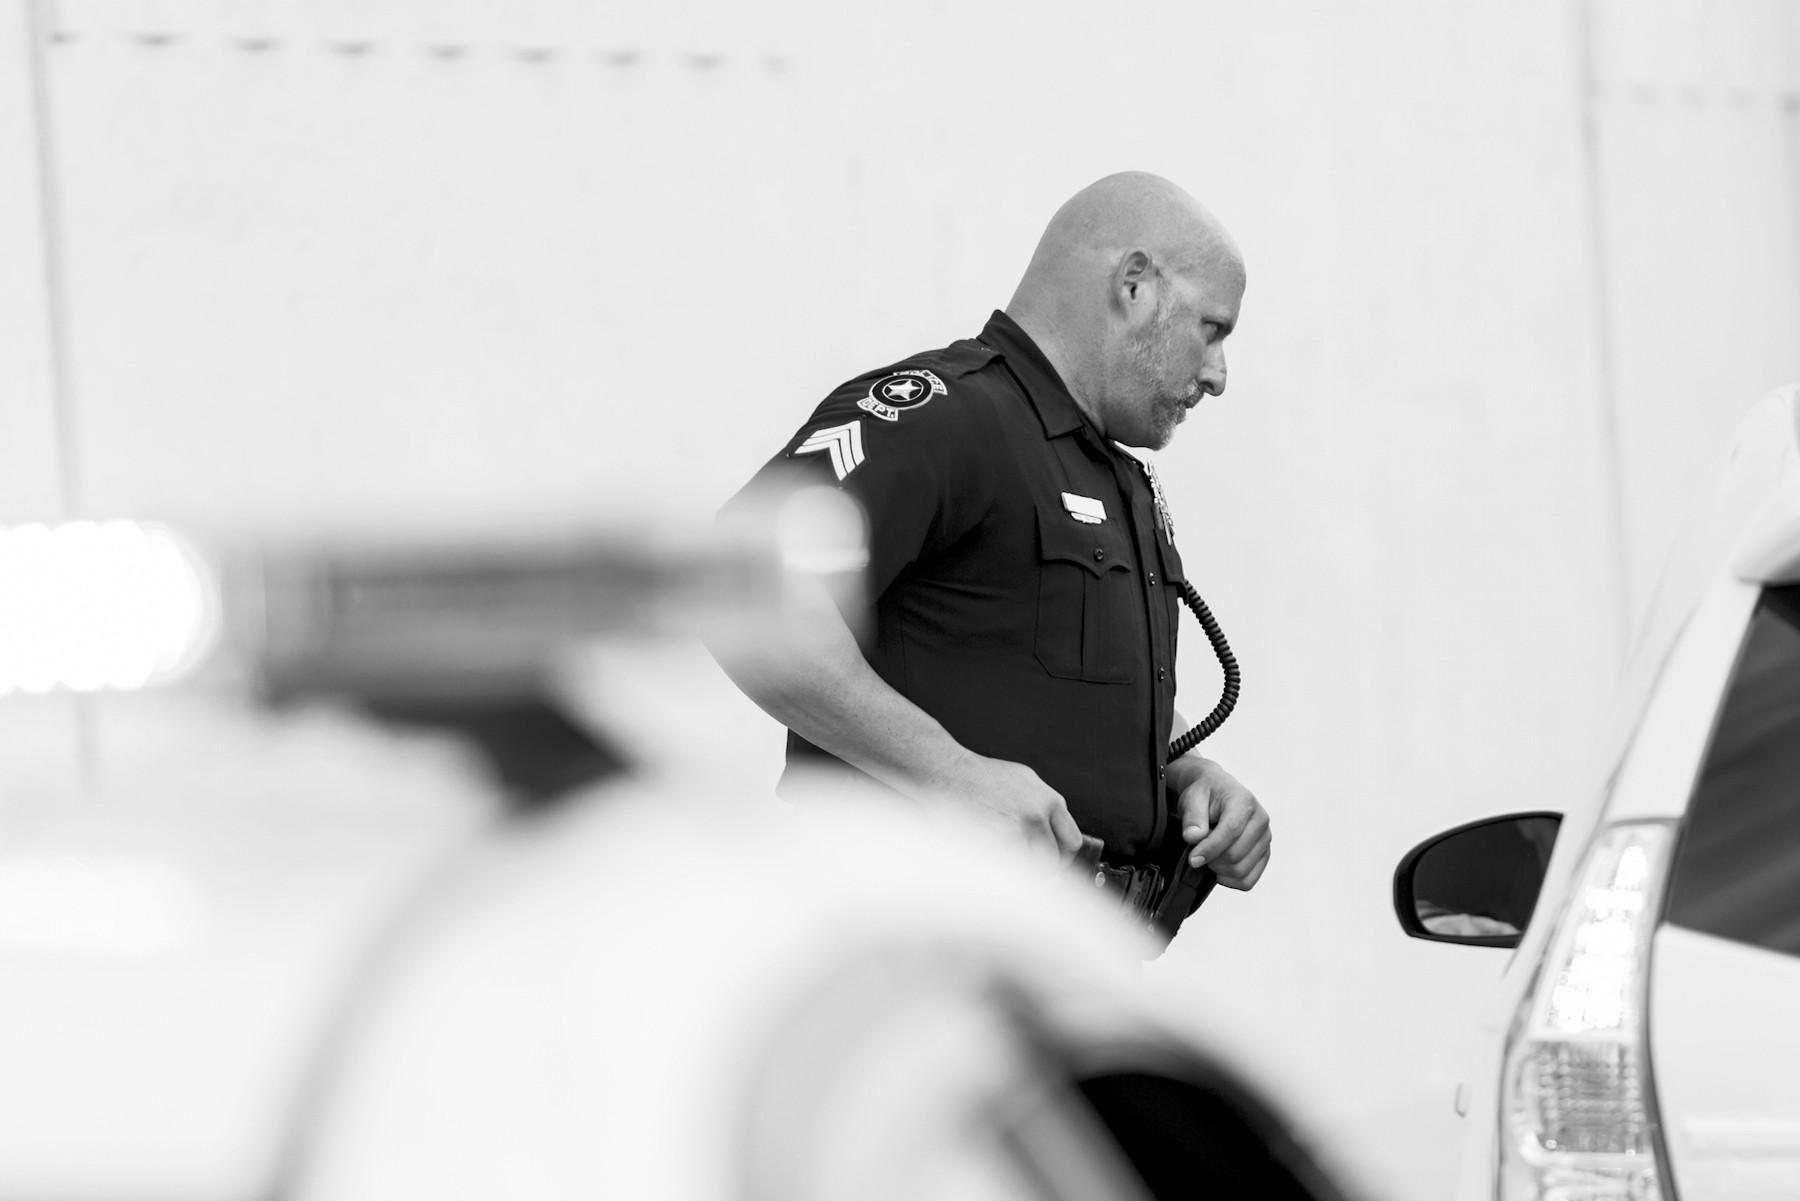 الشرطة الامريكية - ماذا تفعل إذا تم ايقافك في مكان عام